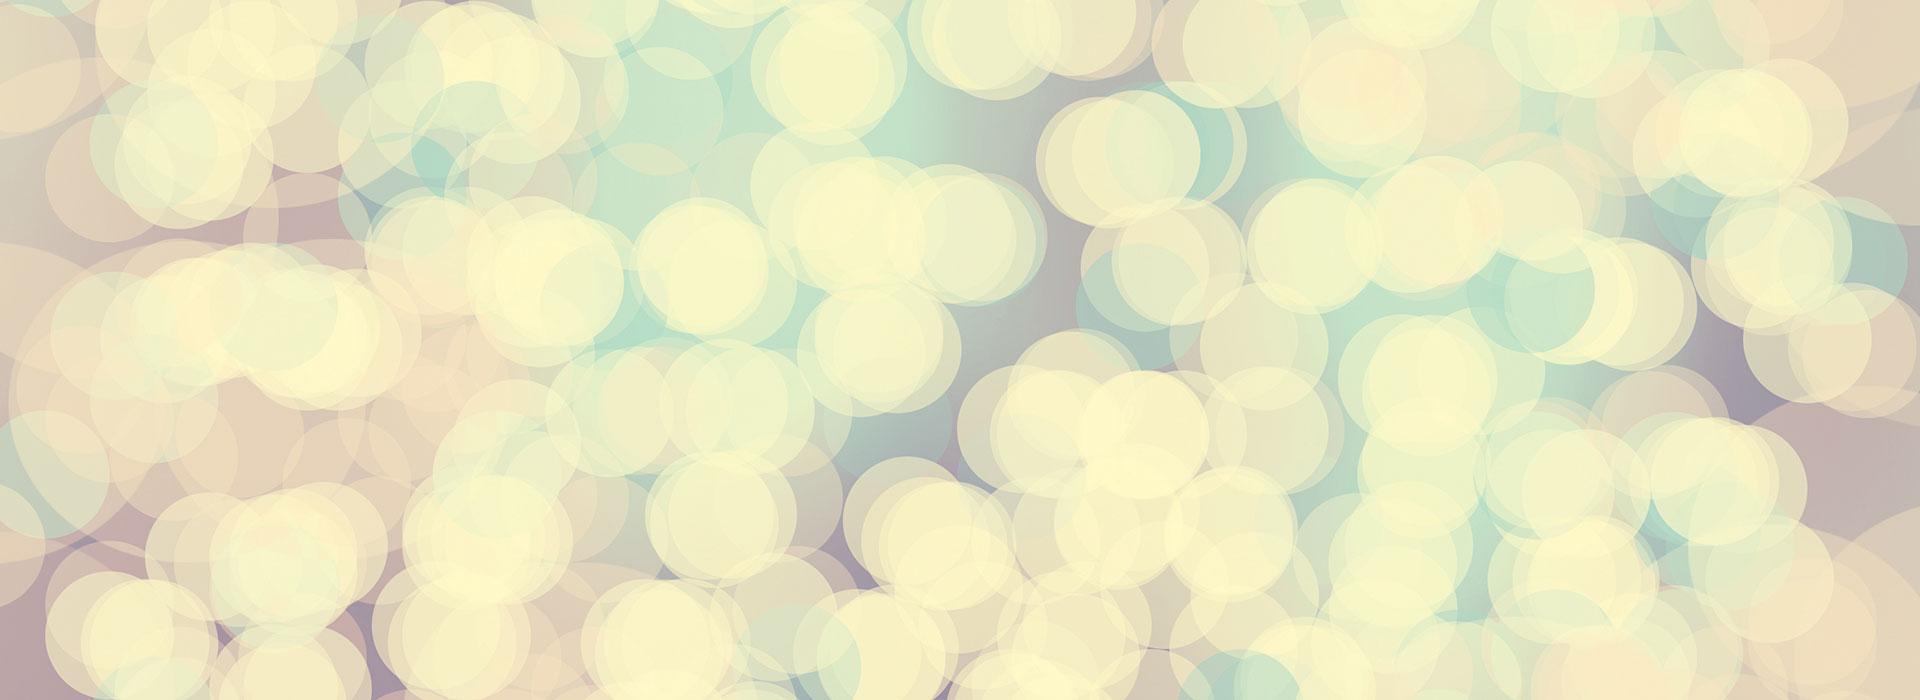 Abstract_dots